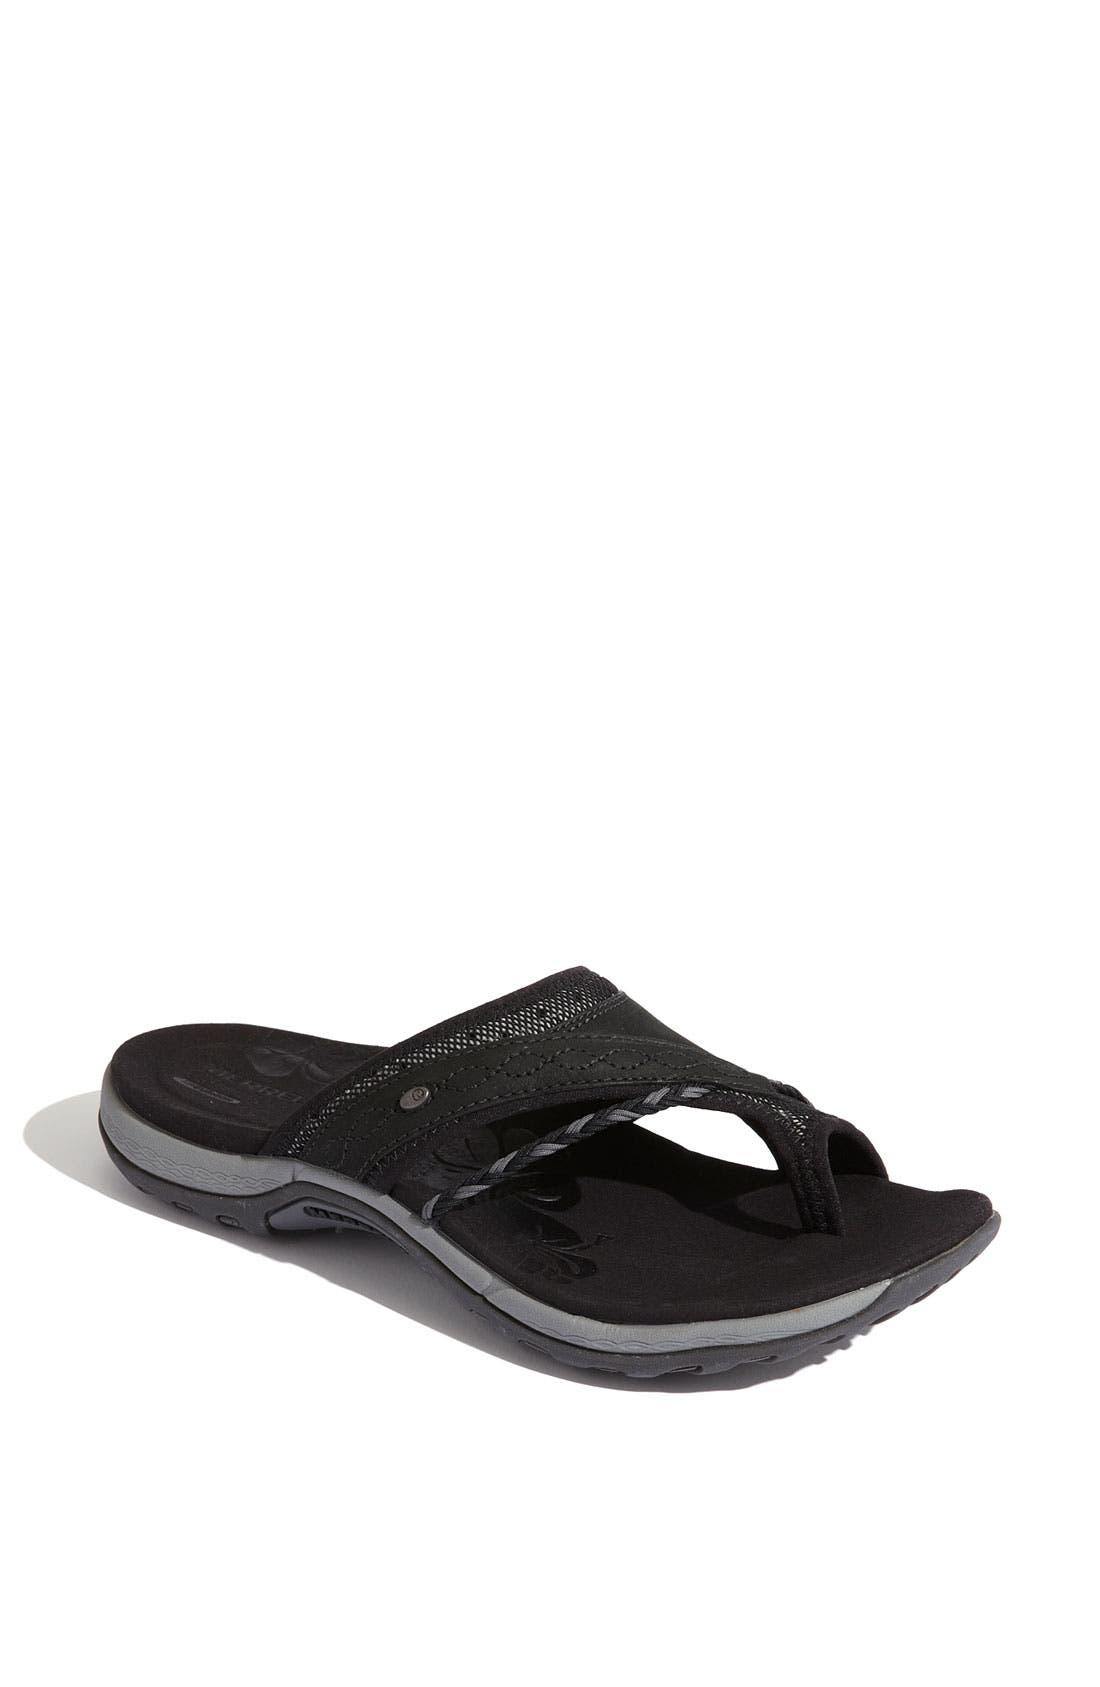 MERRELL 'Hollyleaf' Sandal, Main, color, 004